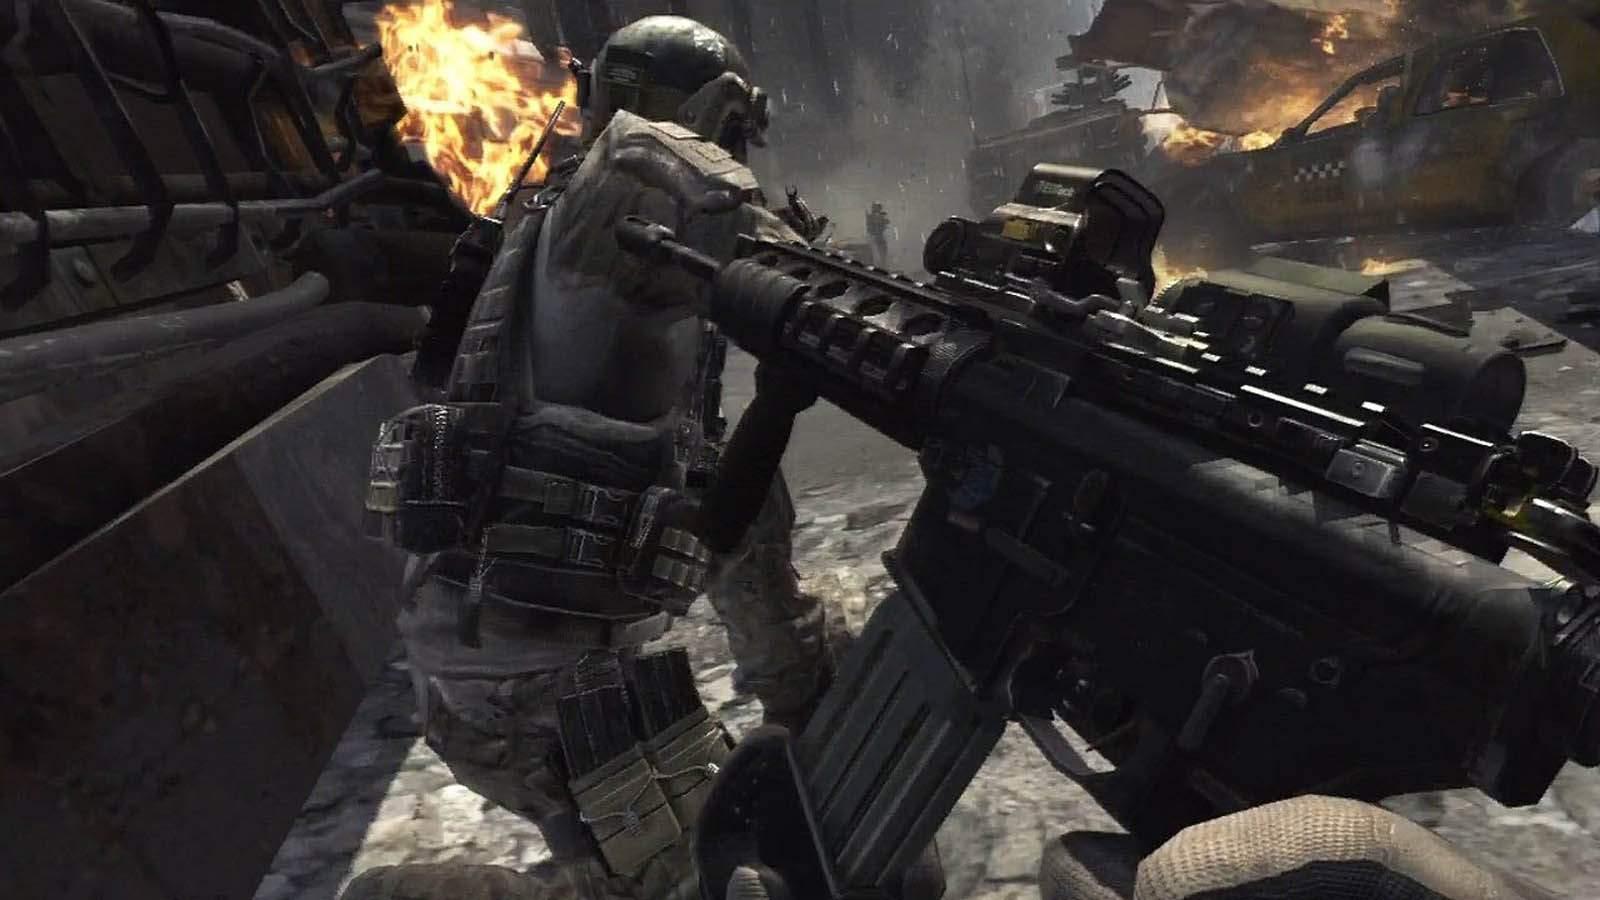 تحميل لعبة Call Of Duty Modern Warfare 3 مضغوطة كاملة بروابط مباشرة مجانا